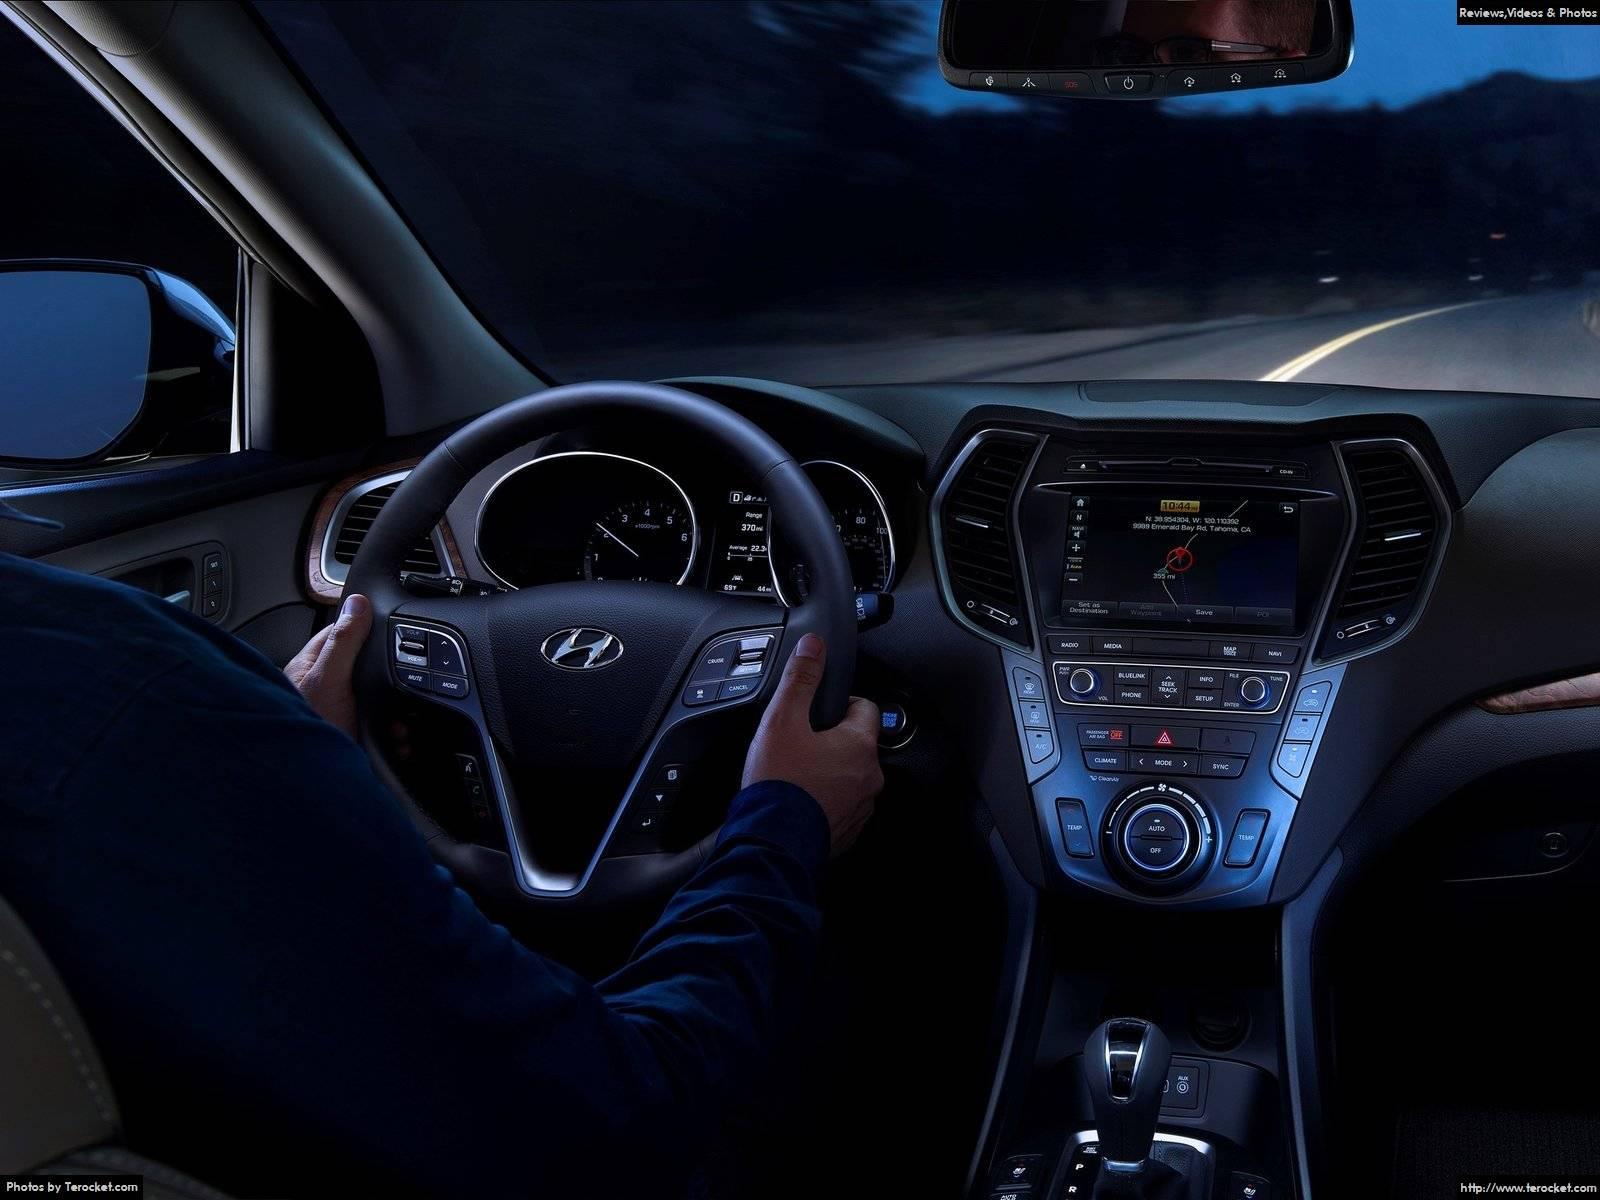 Hình ảnh xe ô tô Hyundai Santa Fe 2017 & nội ngoại thất